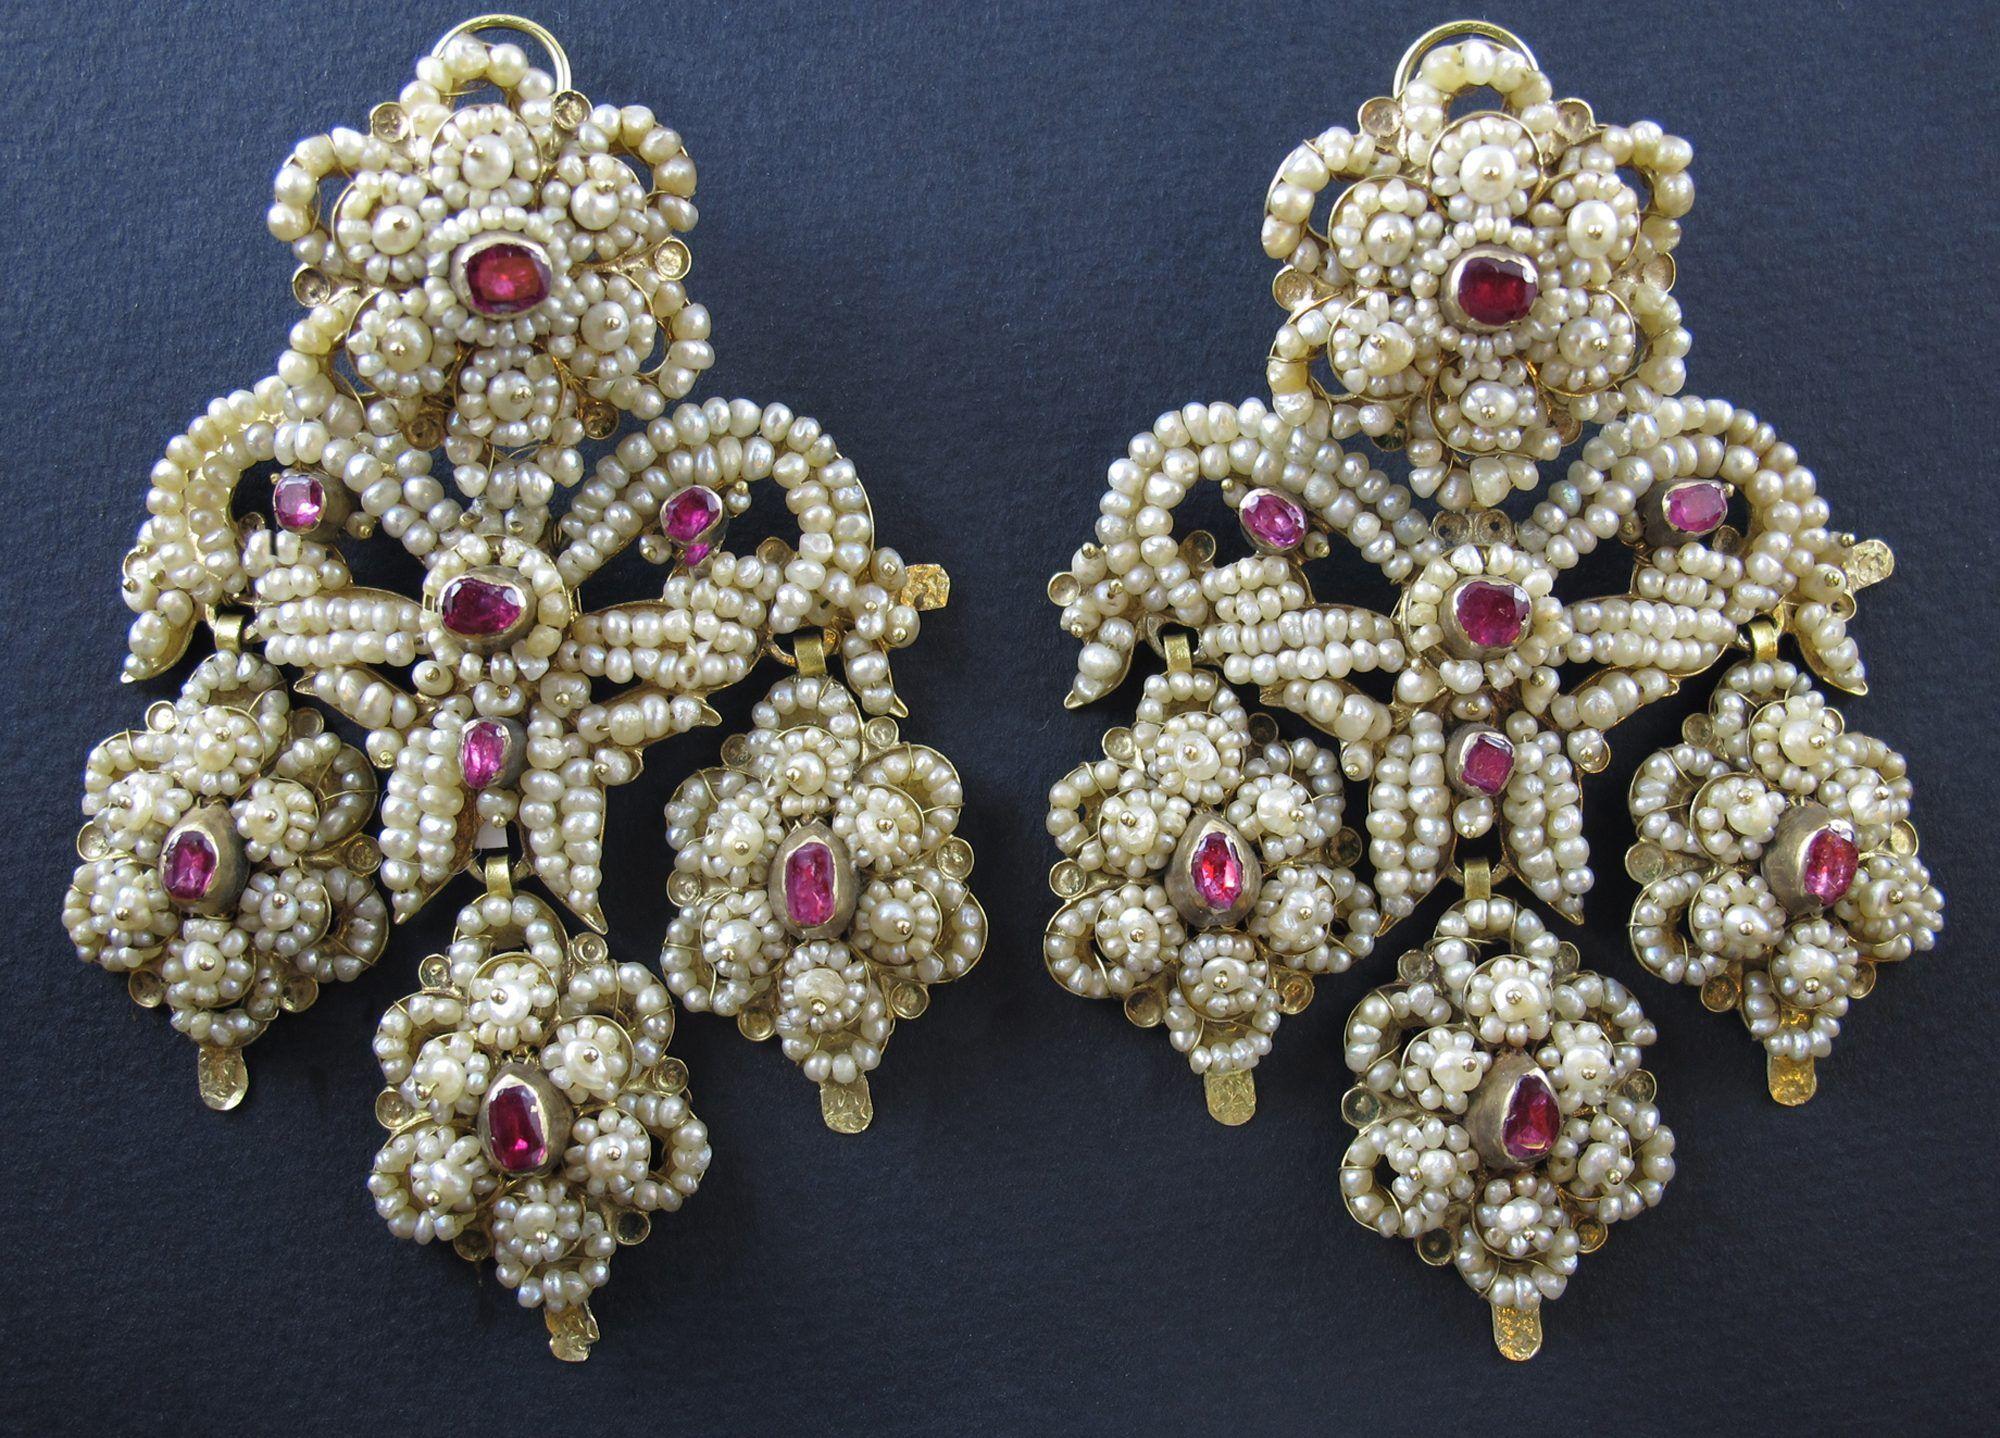 Orecchini Antichi Oro Perle Girandoles Borbonici Rubini Gioielleria Pennisi Pearl Bridal Jewelry Gothic Jewelry Jewelry Design Necklace